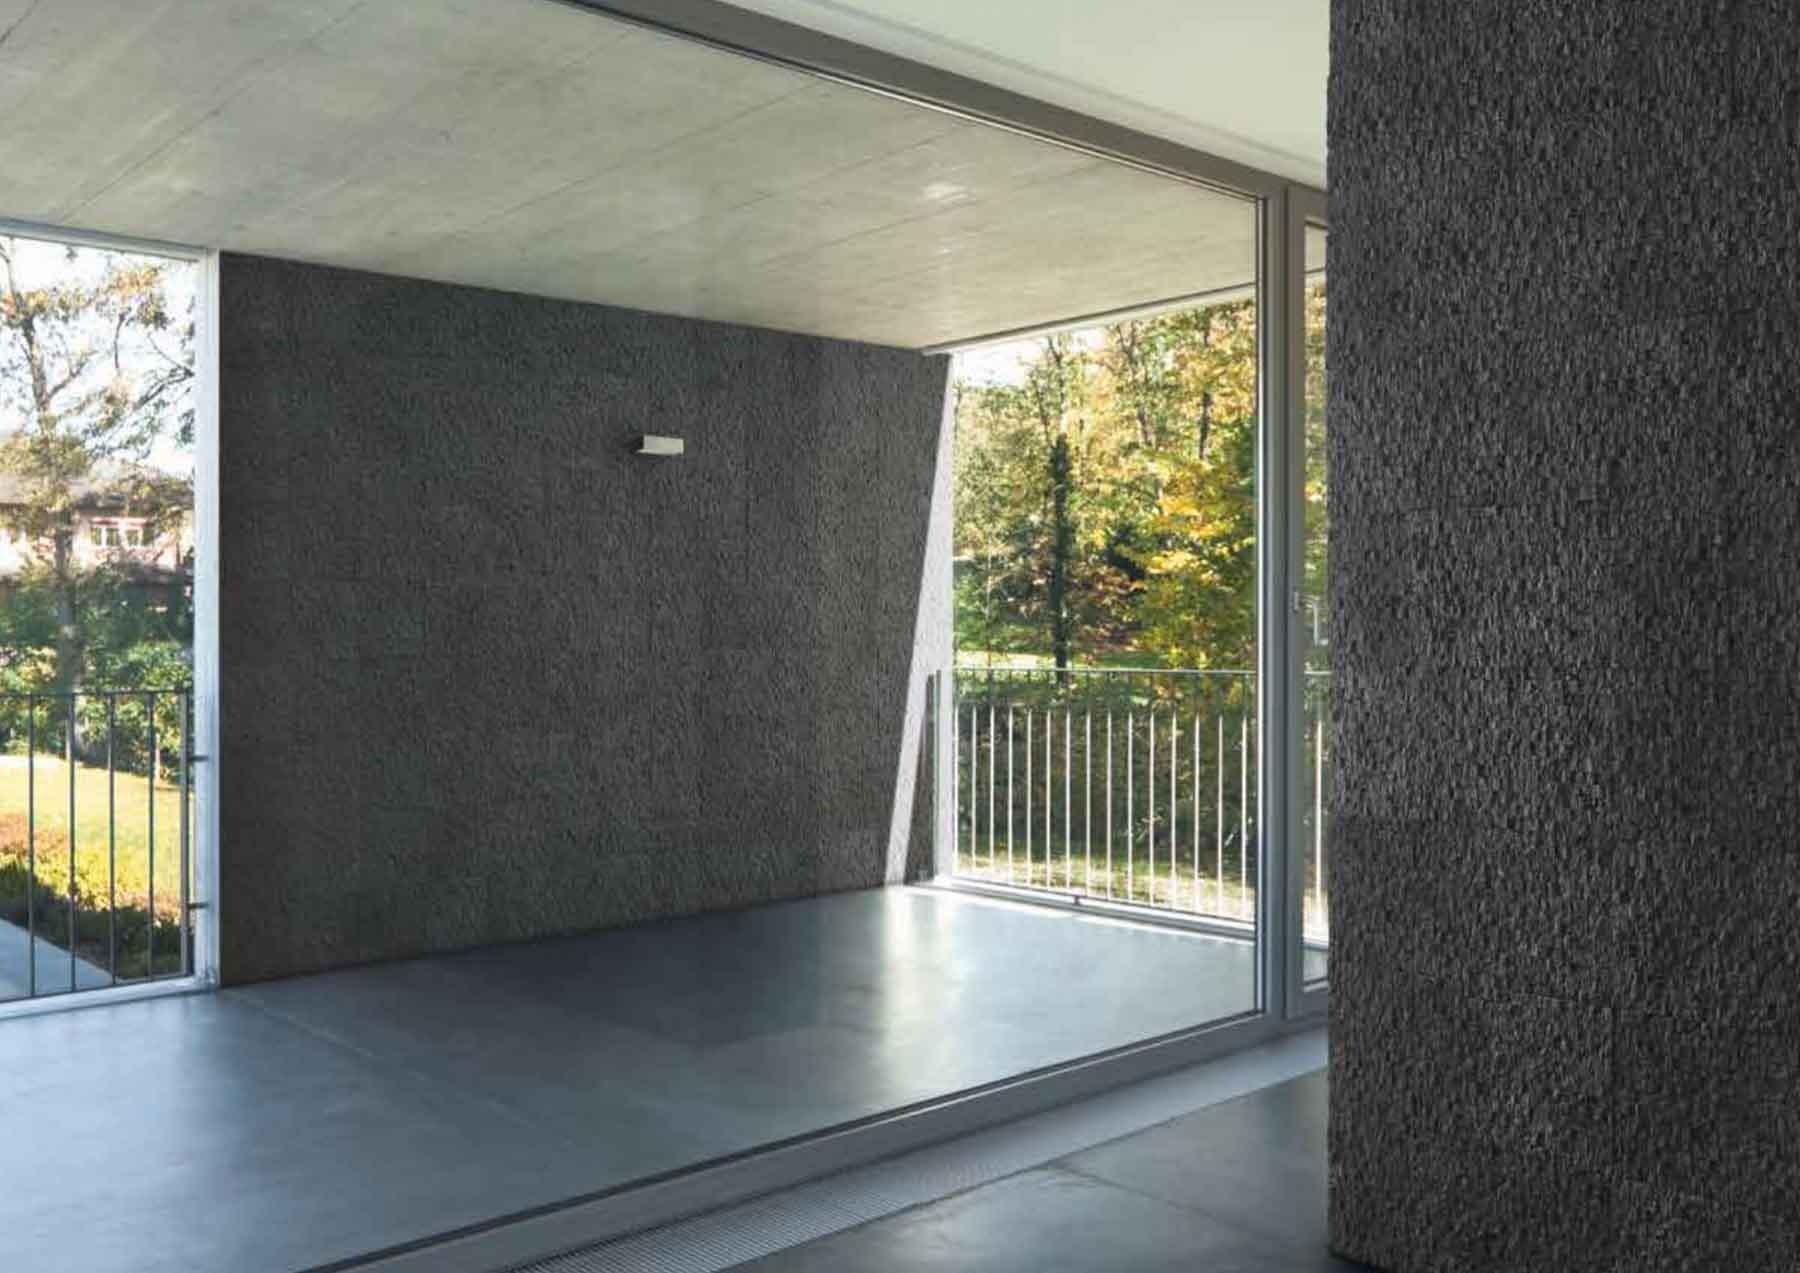 Intérieur avec un pant de mur en pierre reconstituée acl cubus couleur anthracite